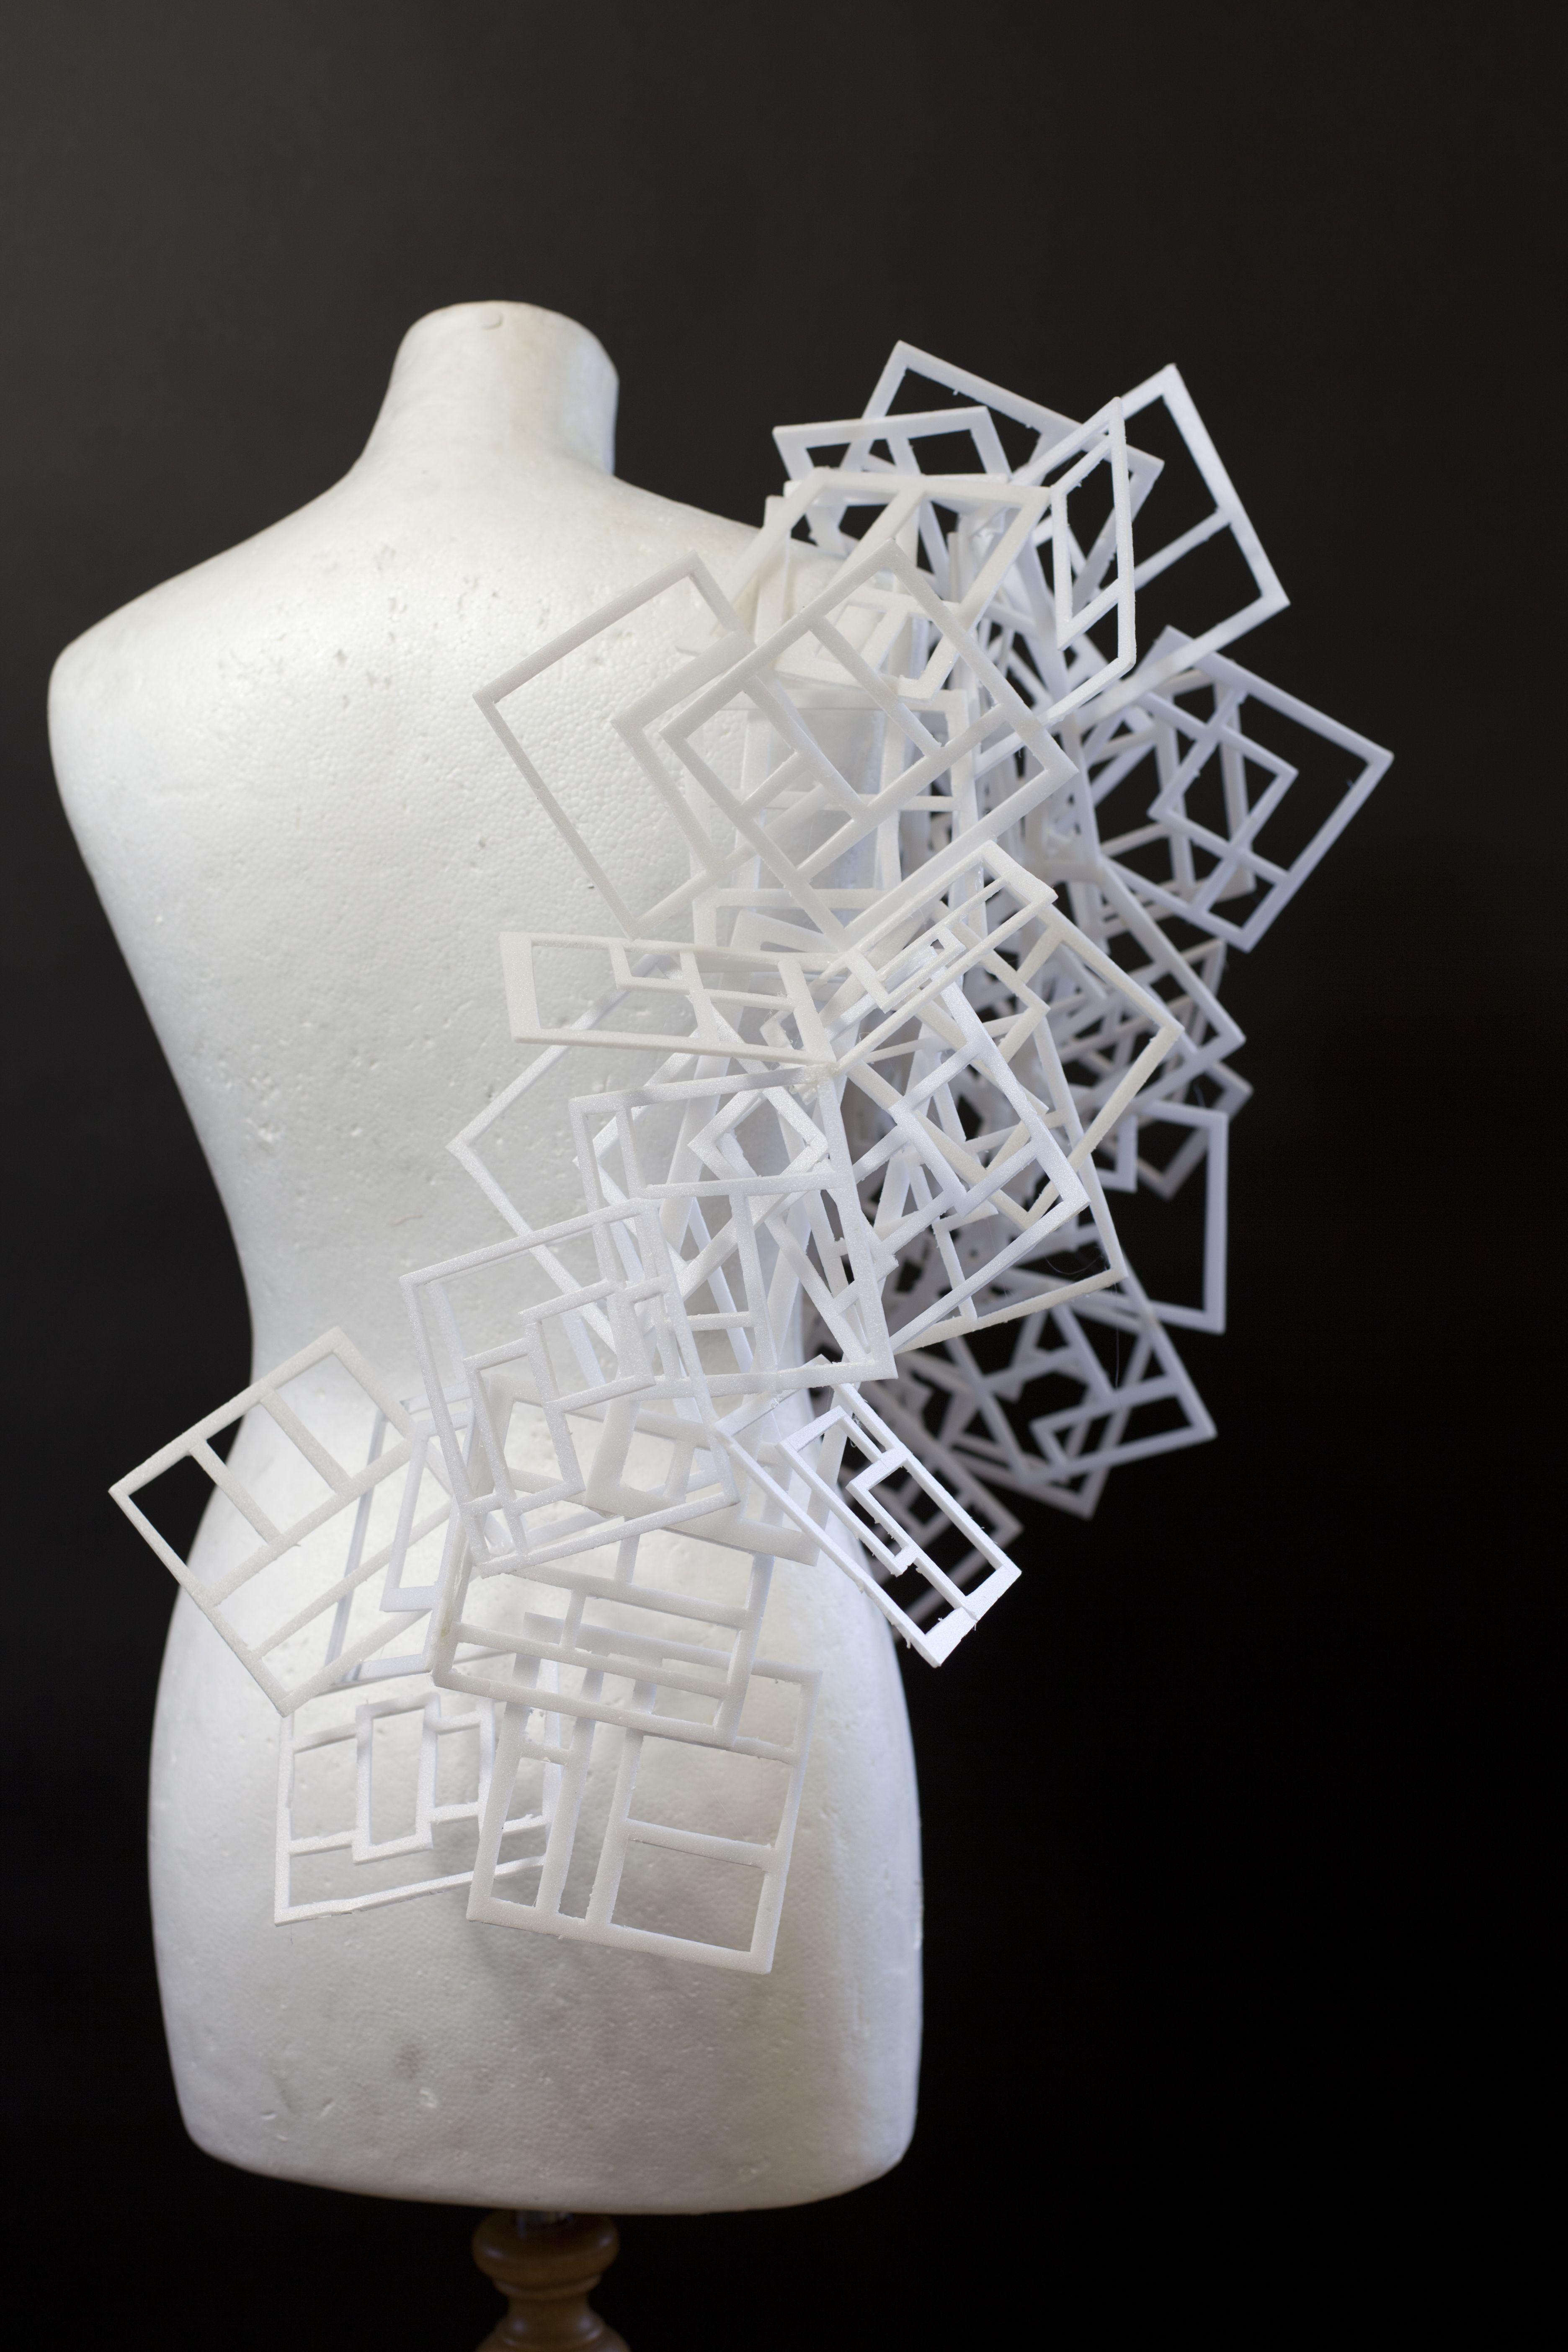 architectural Helen Stewart | Estructuras | Pinterest ... - photo#21